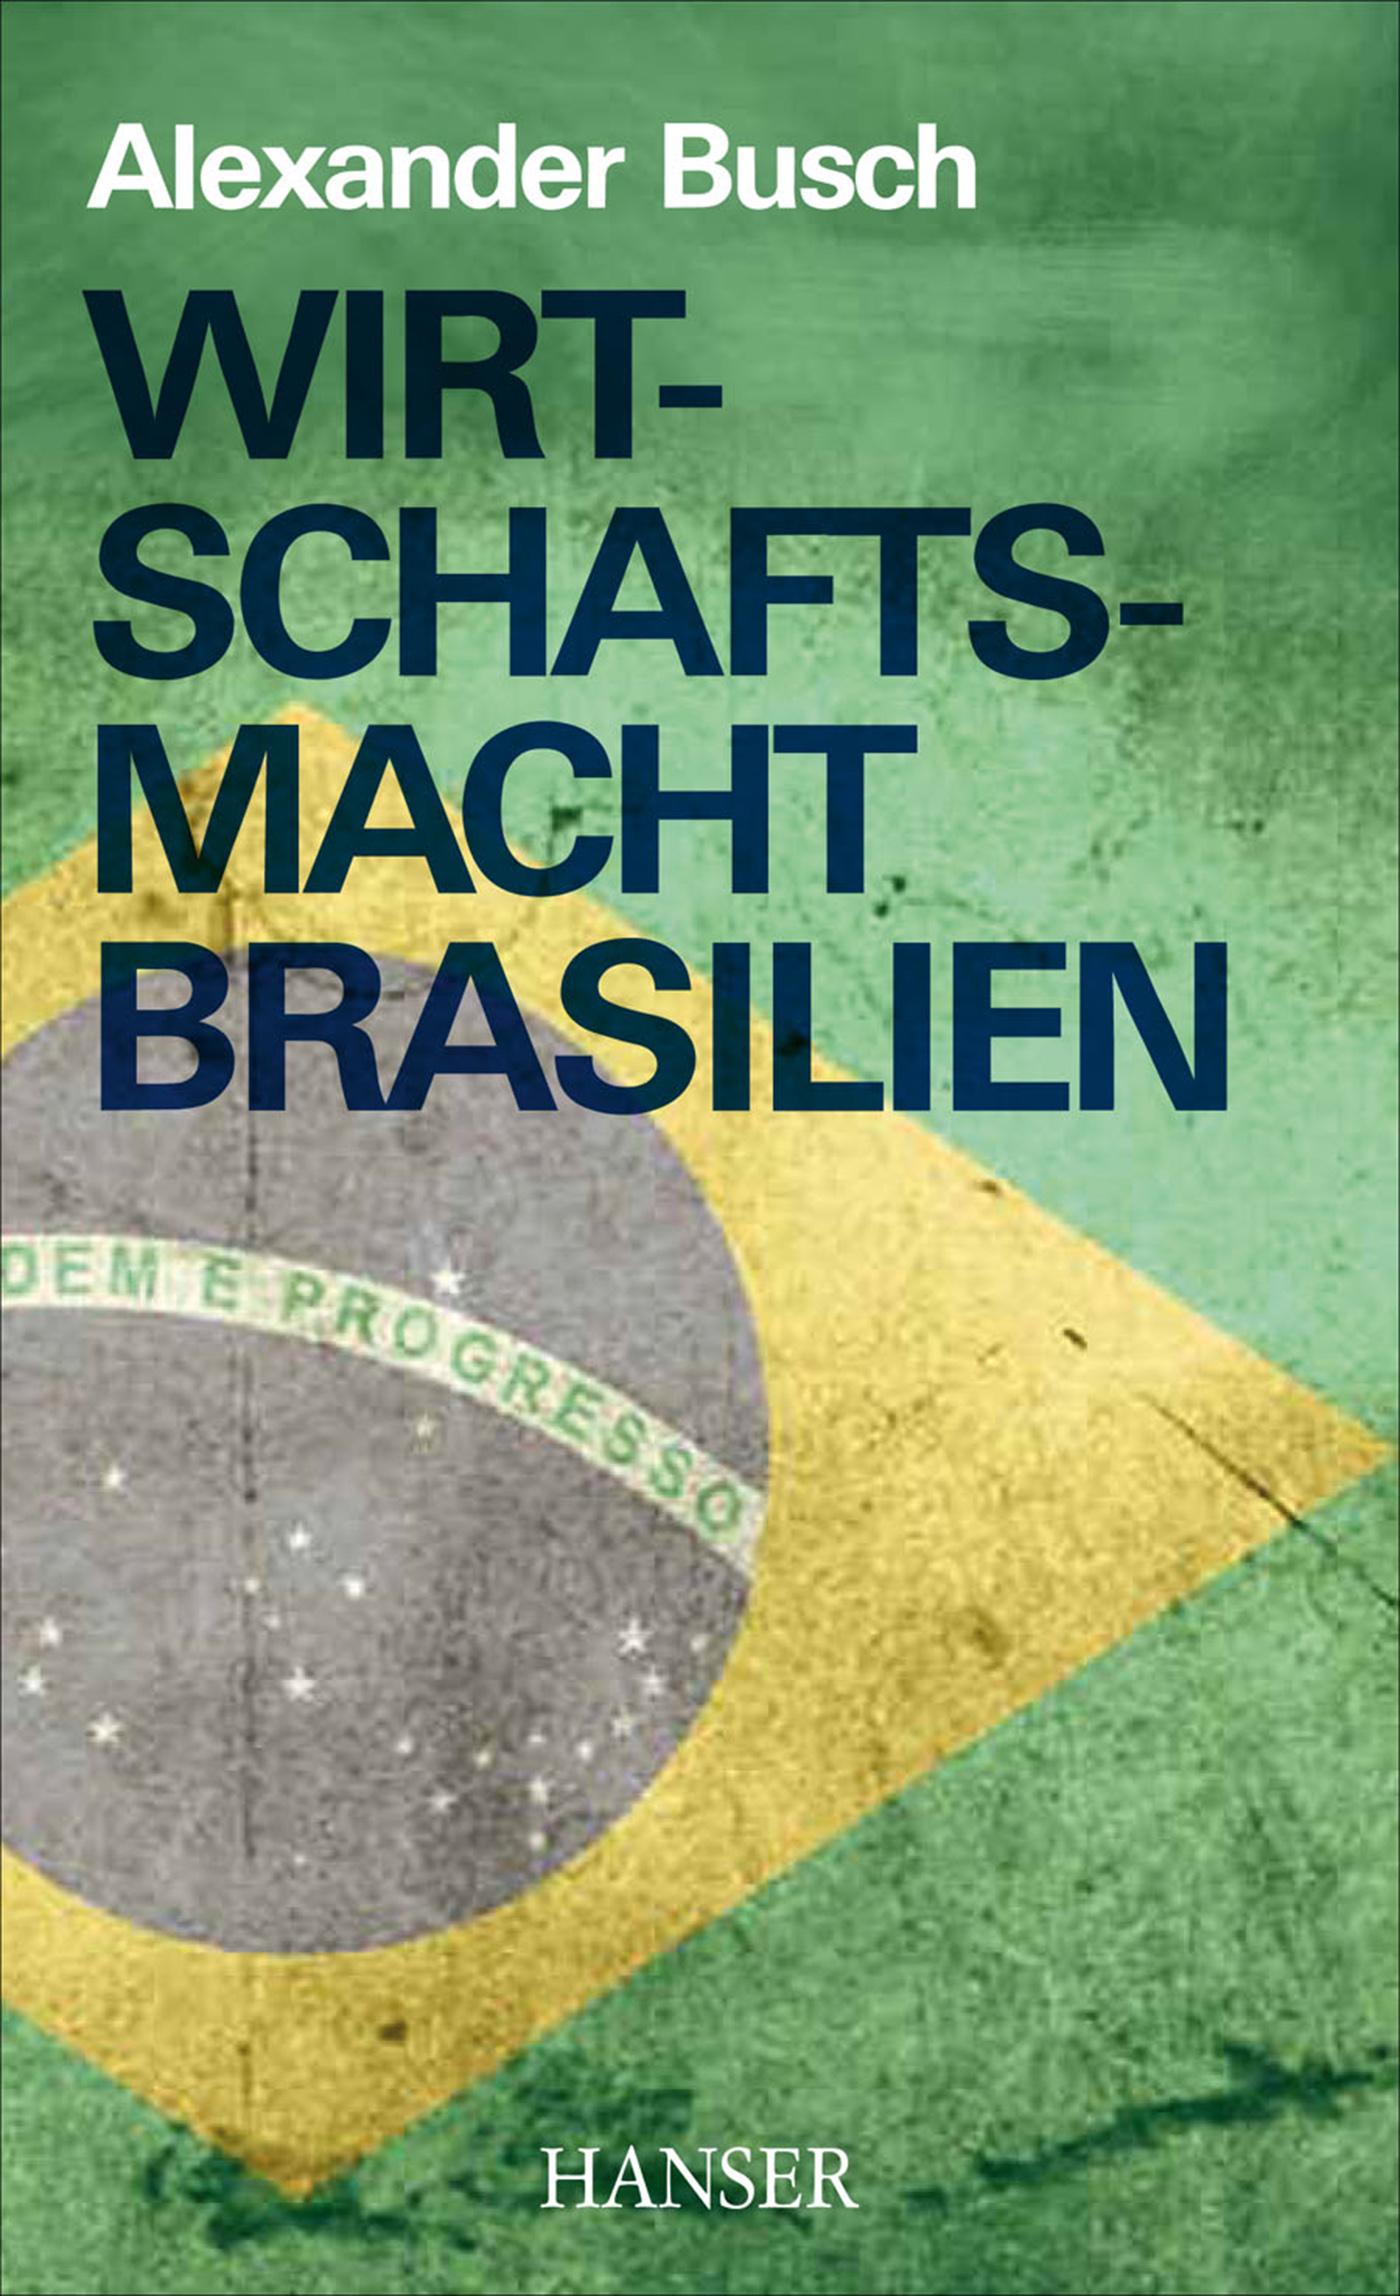 Wirtschaftsmacht Brasilien - Alexander Busch